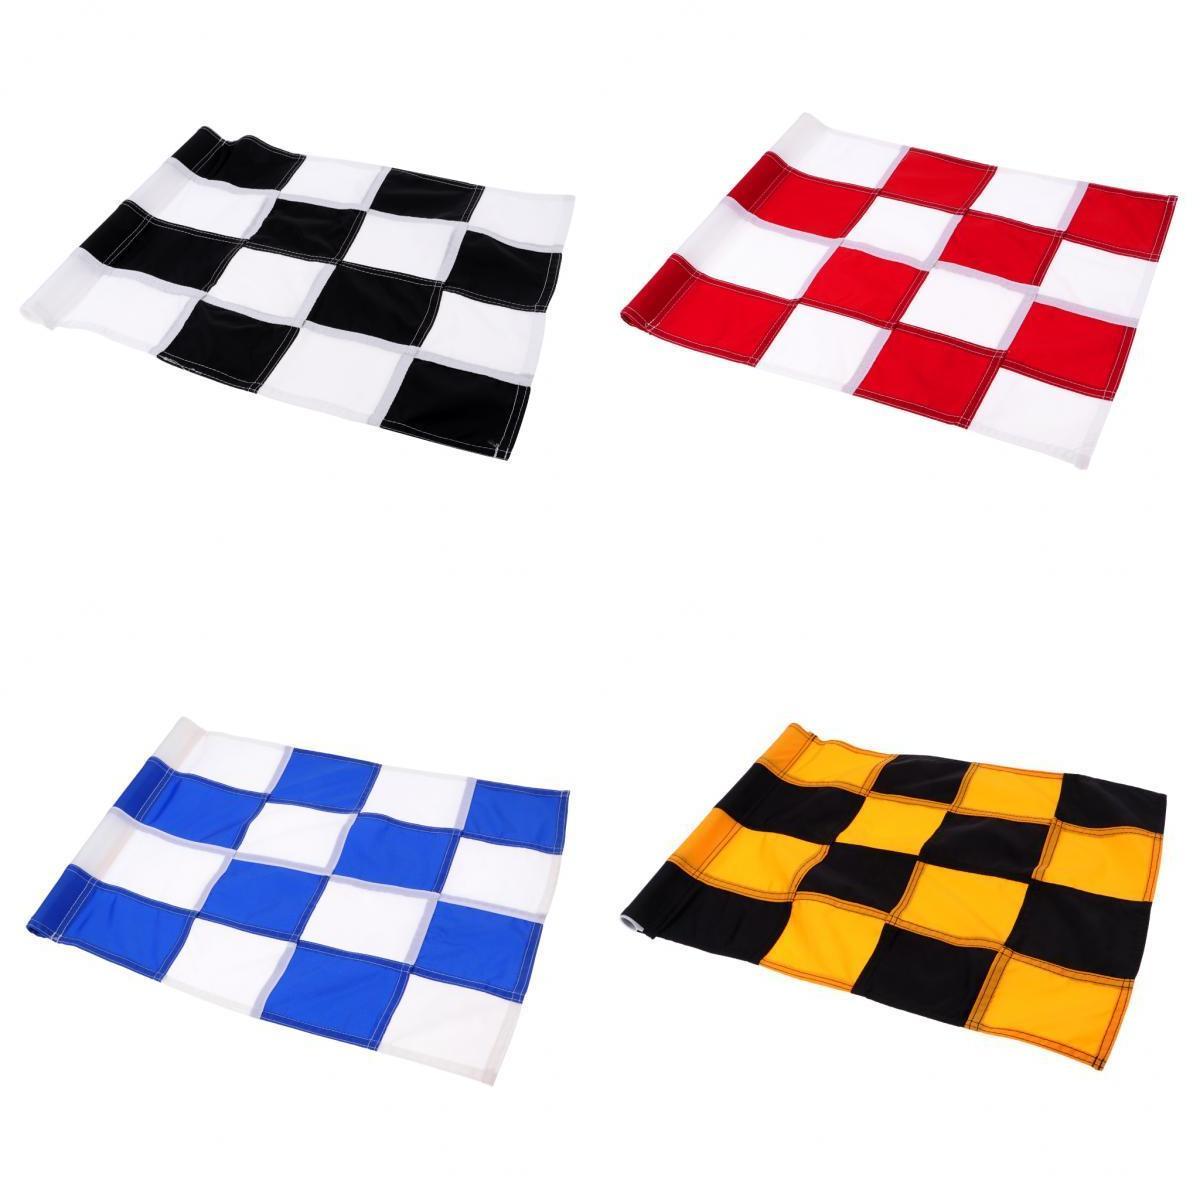 Drapeau de Golf 4 pièces, Golf mettant le drapeau vert, arrière-cour pratique Golf trou pôle coupe drapeau Nylon mettant le drapeau vert